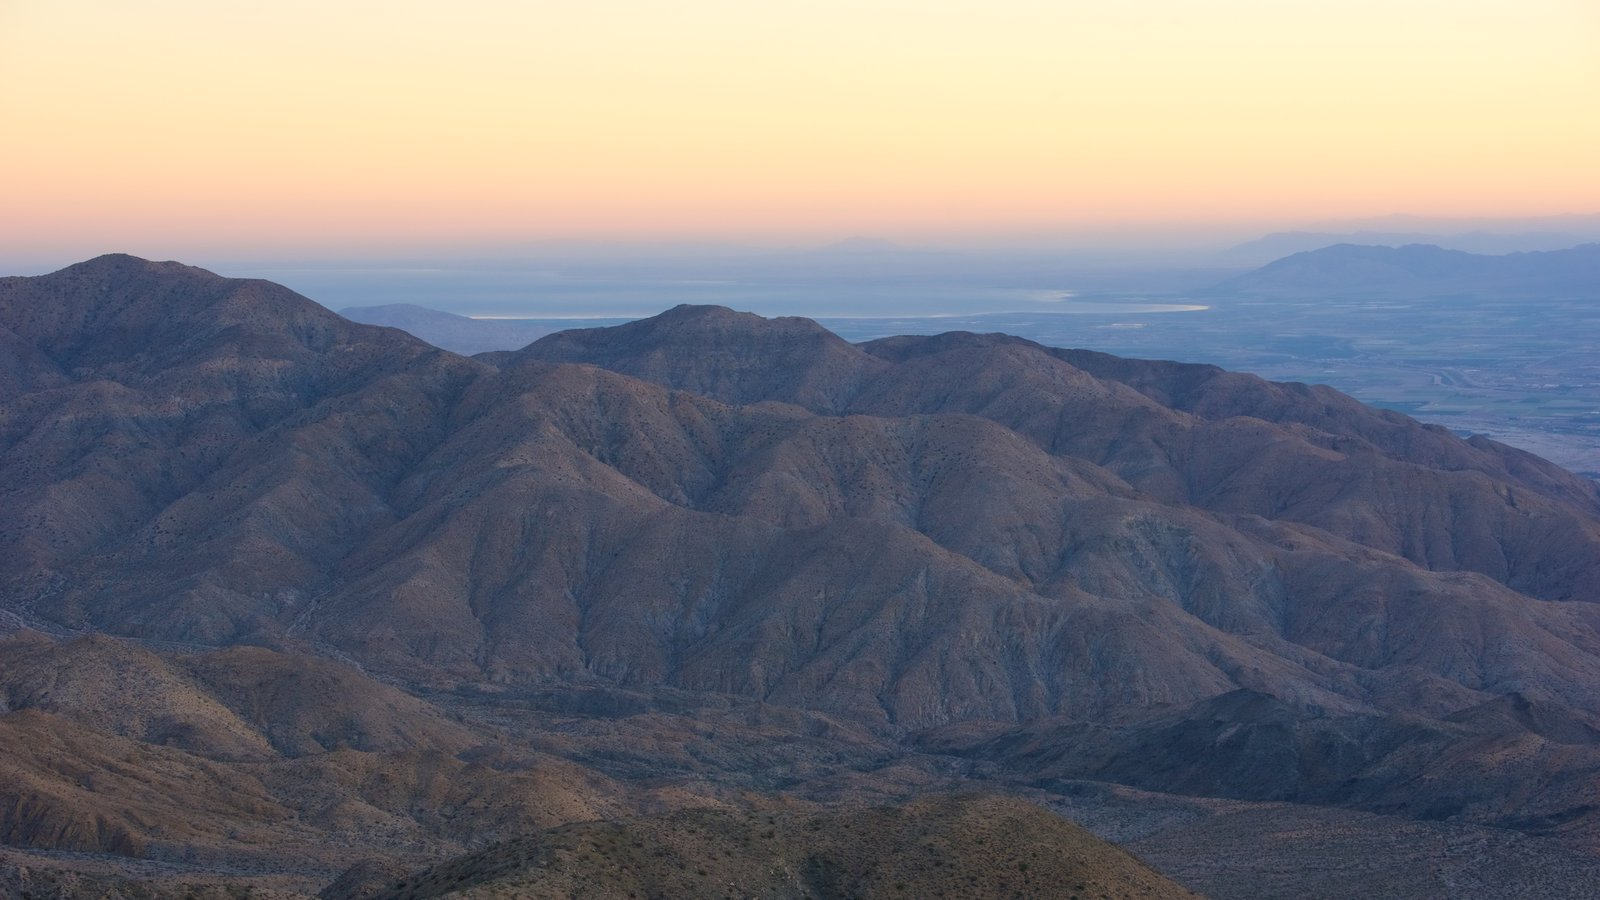 Parque Nacional de Joshua Tree que inclui paisagem, cenas tranquilas e um pôr do sol